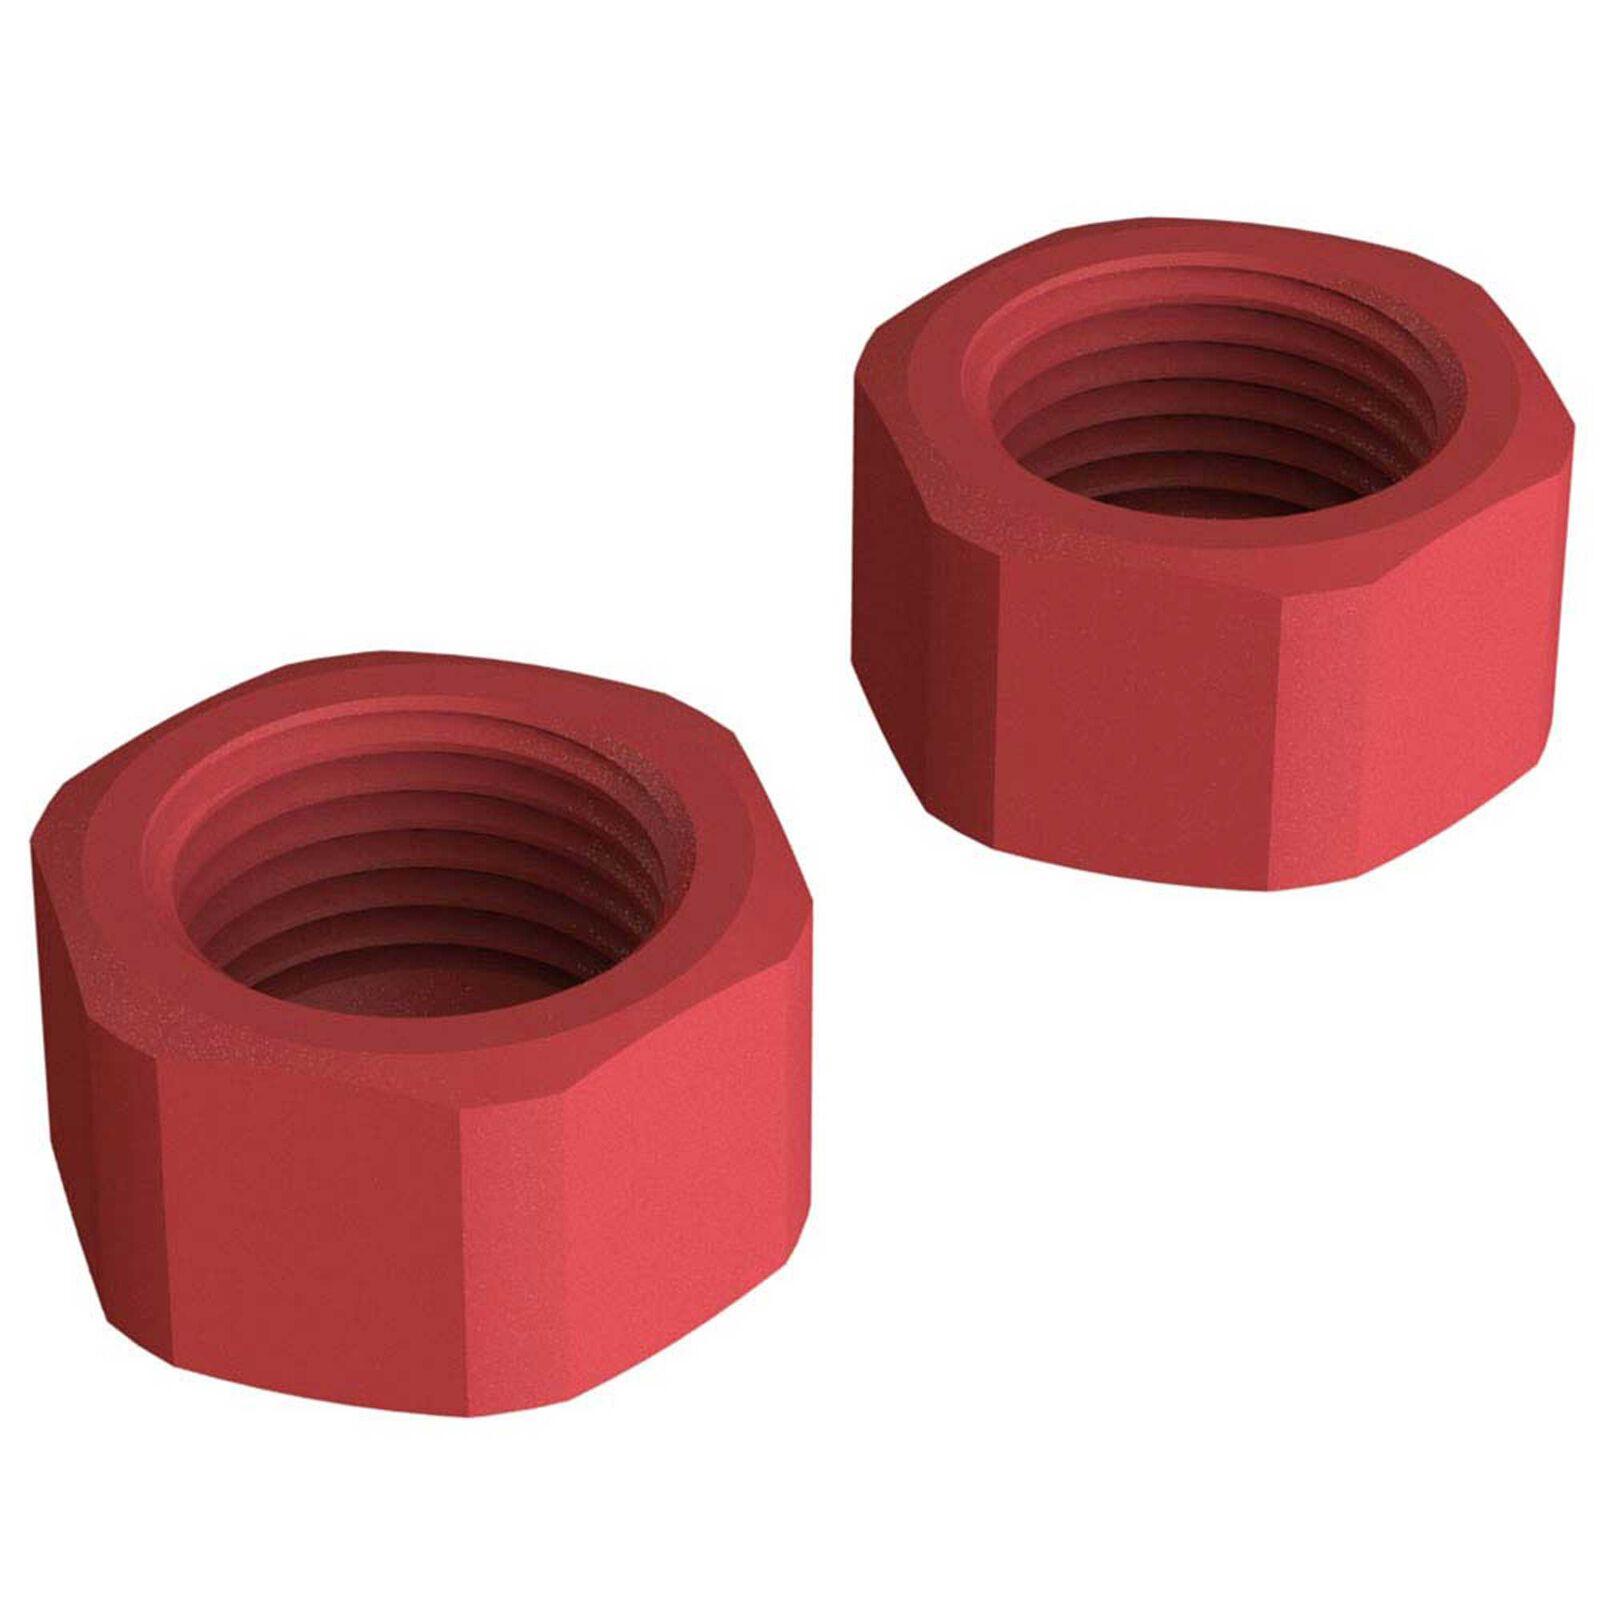 Composite Slipper Clutch Nut (2): 4x4